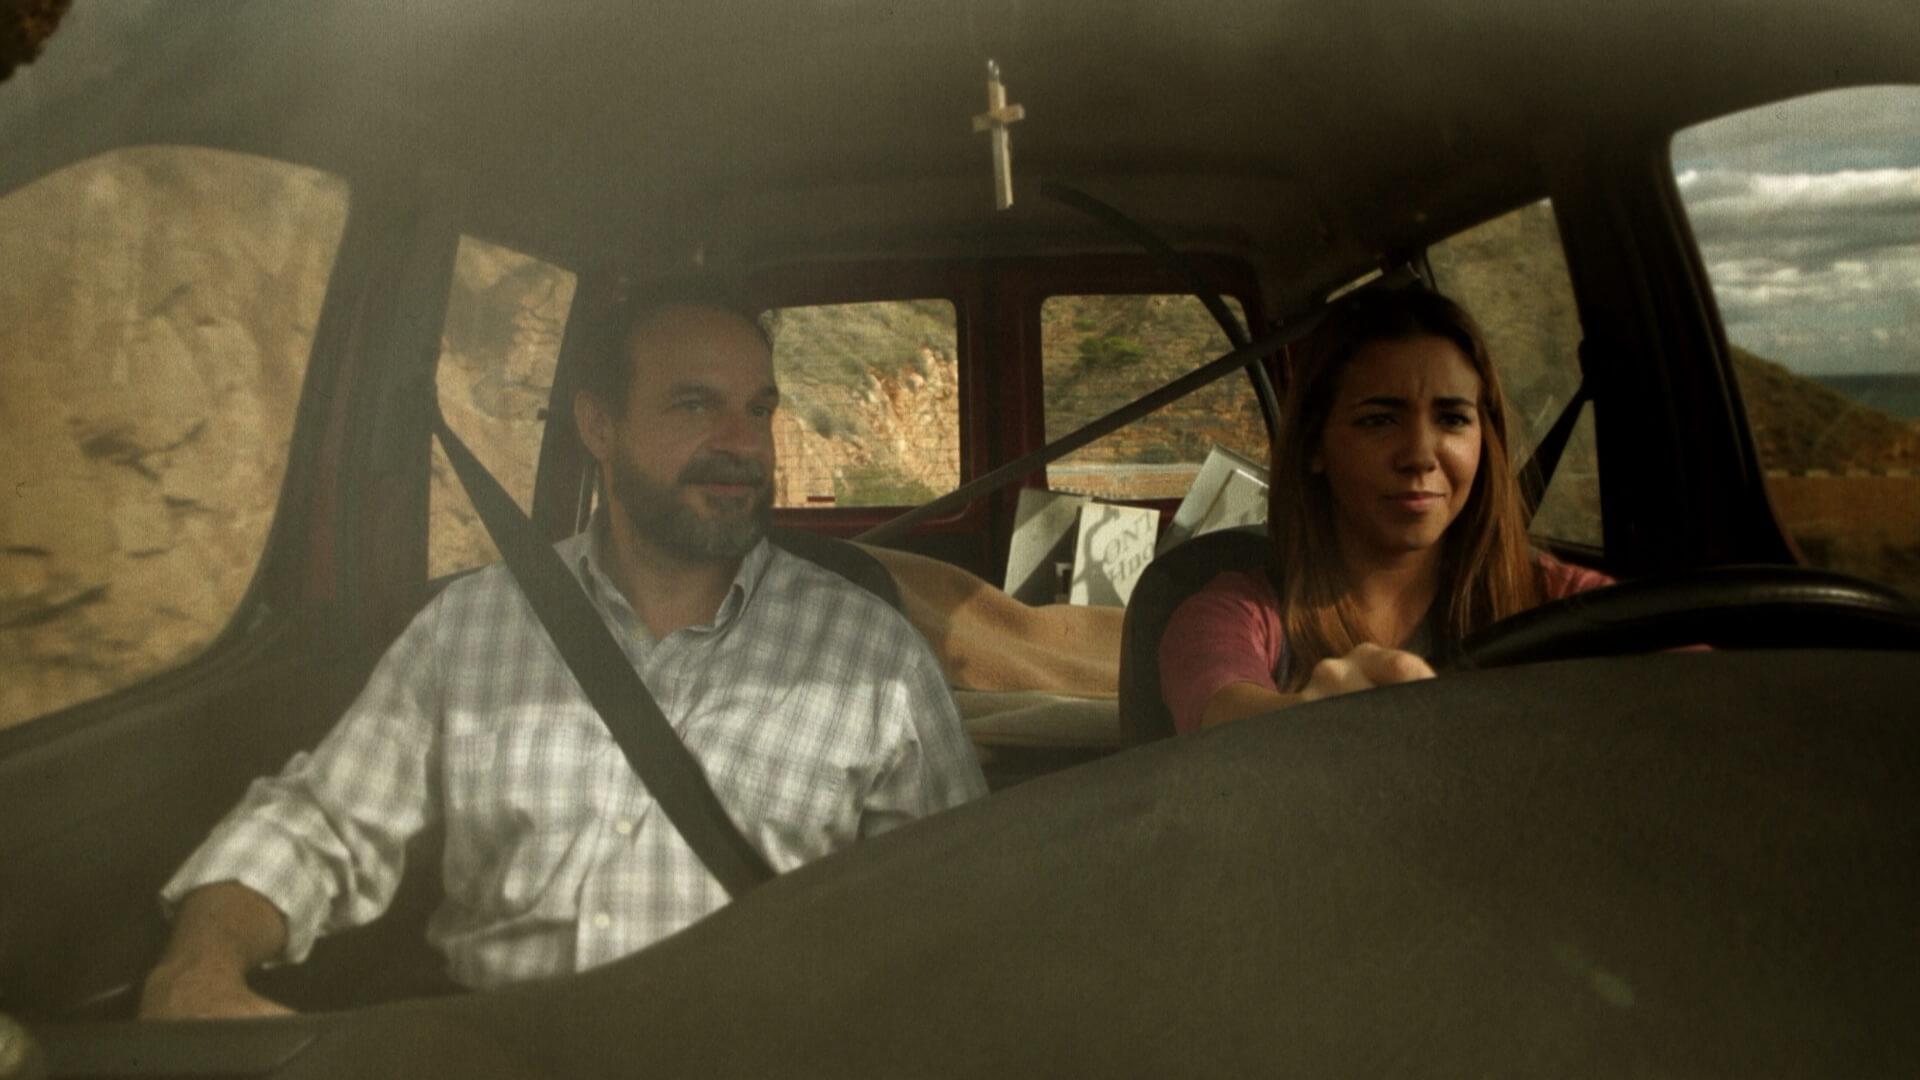 La Cruz Vero and her father driving